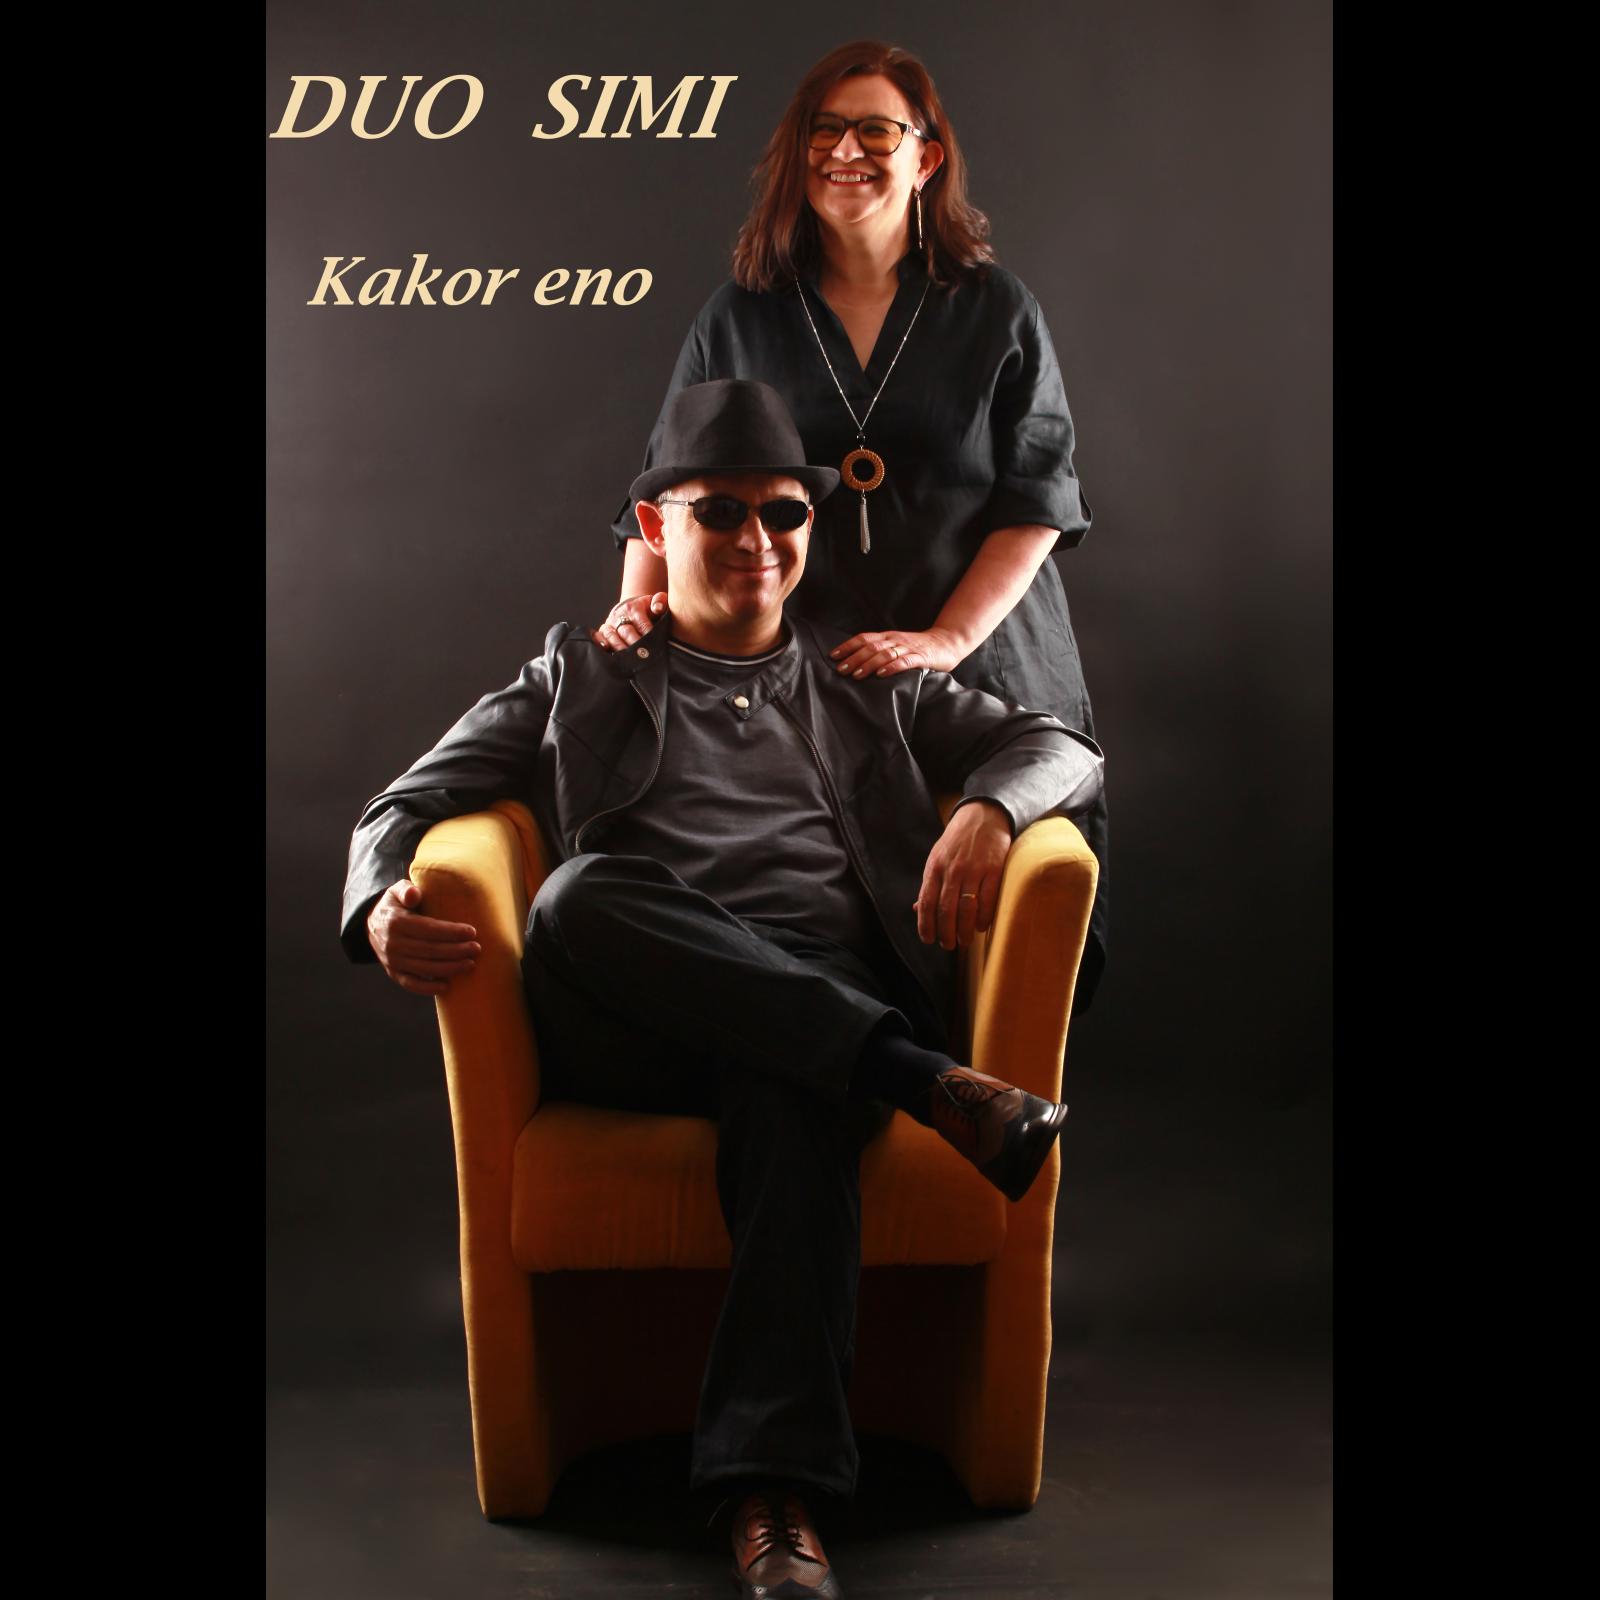 Duo Simi - Kakor eno naslovnica